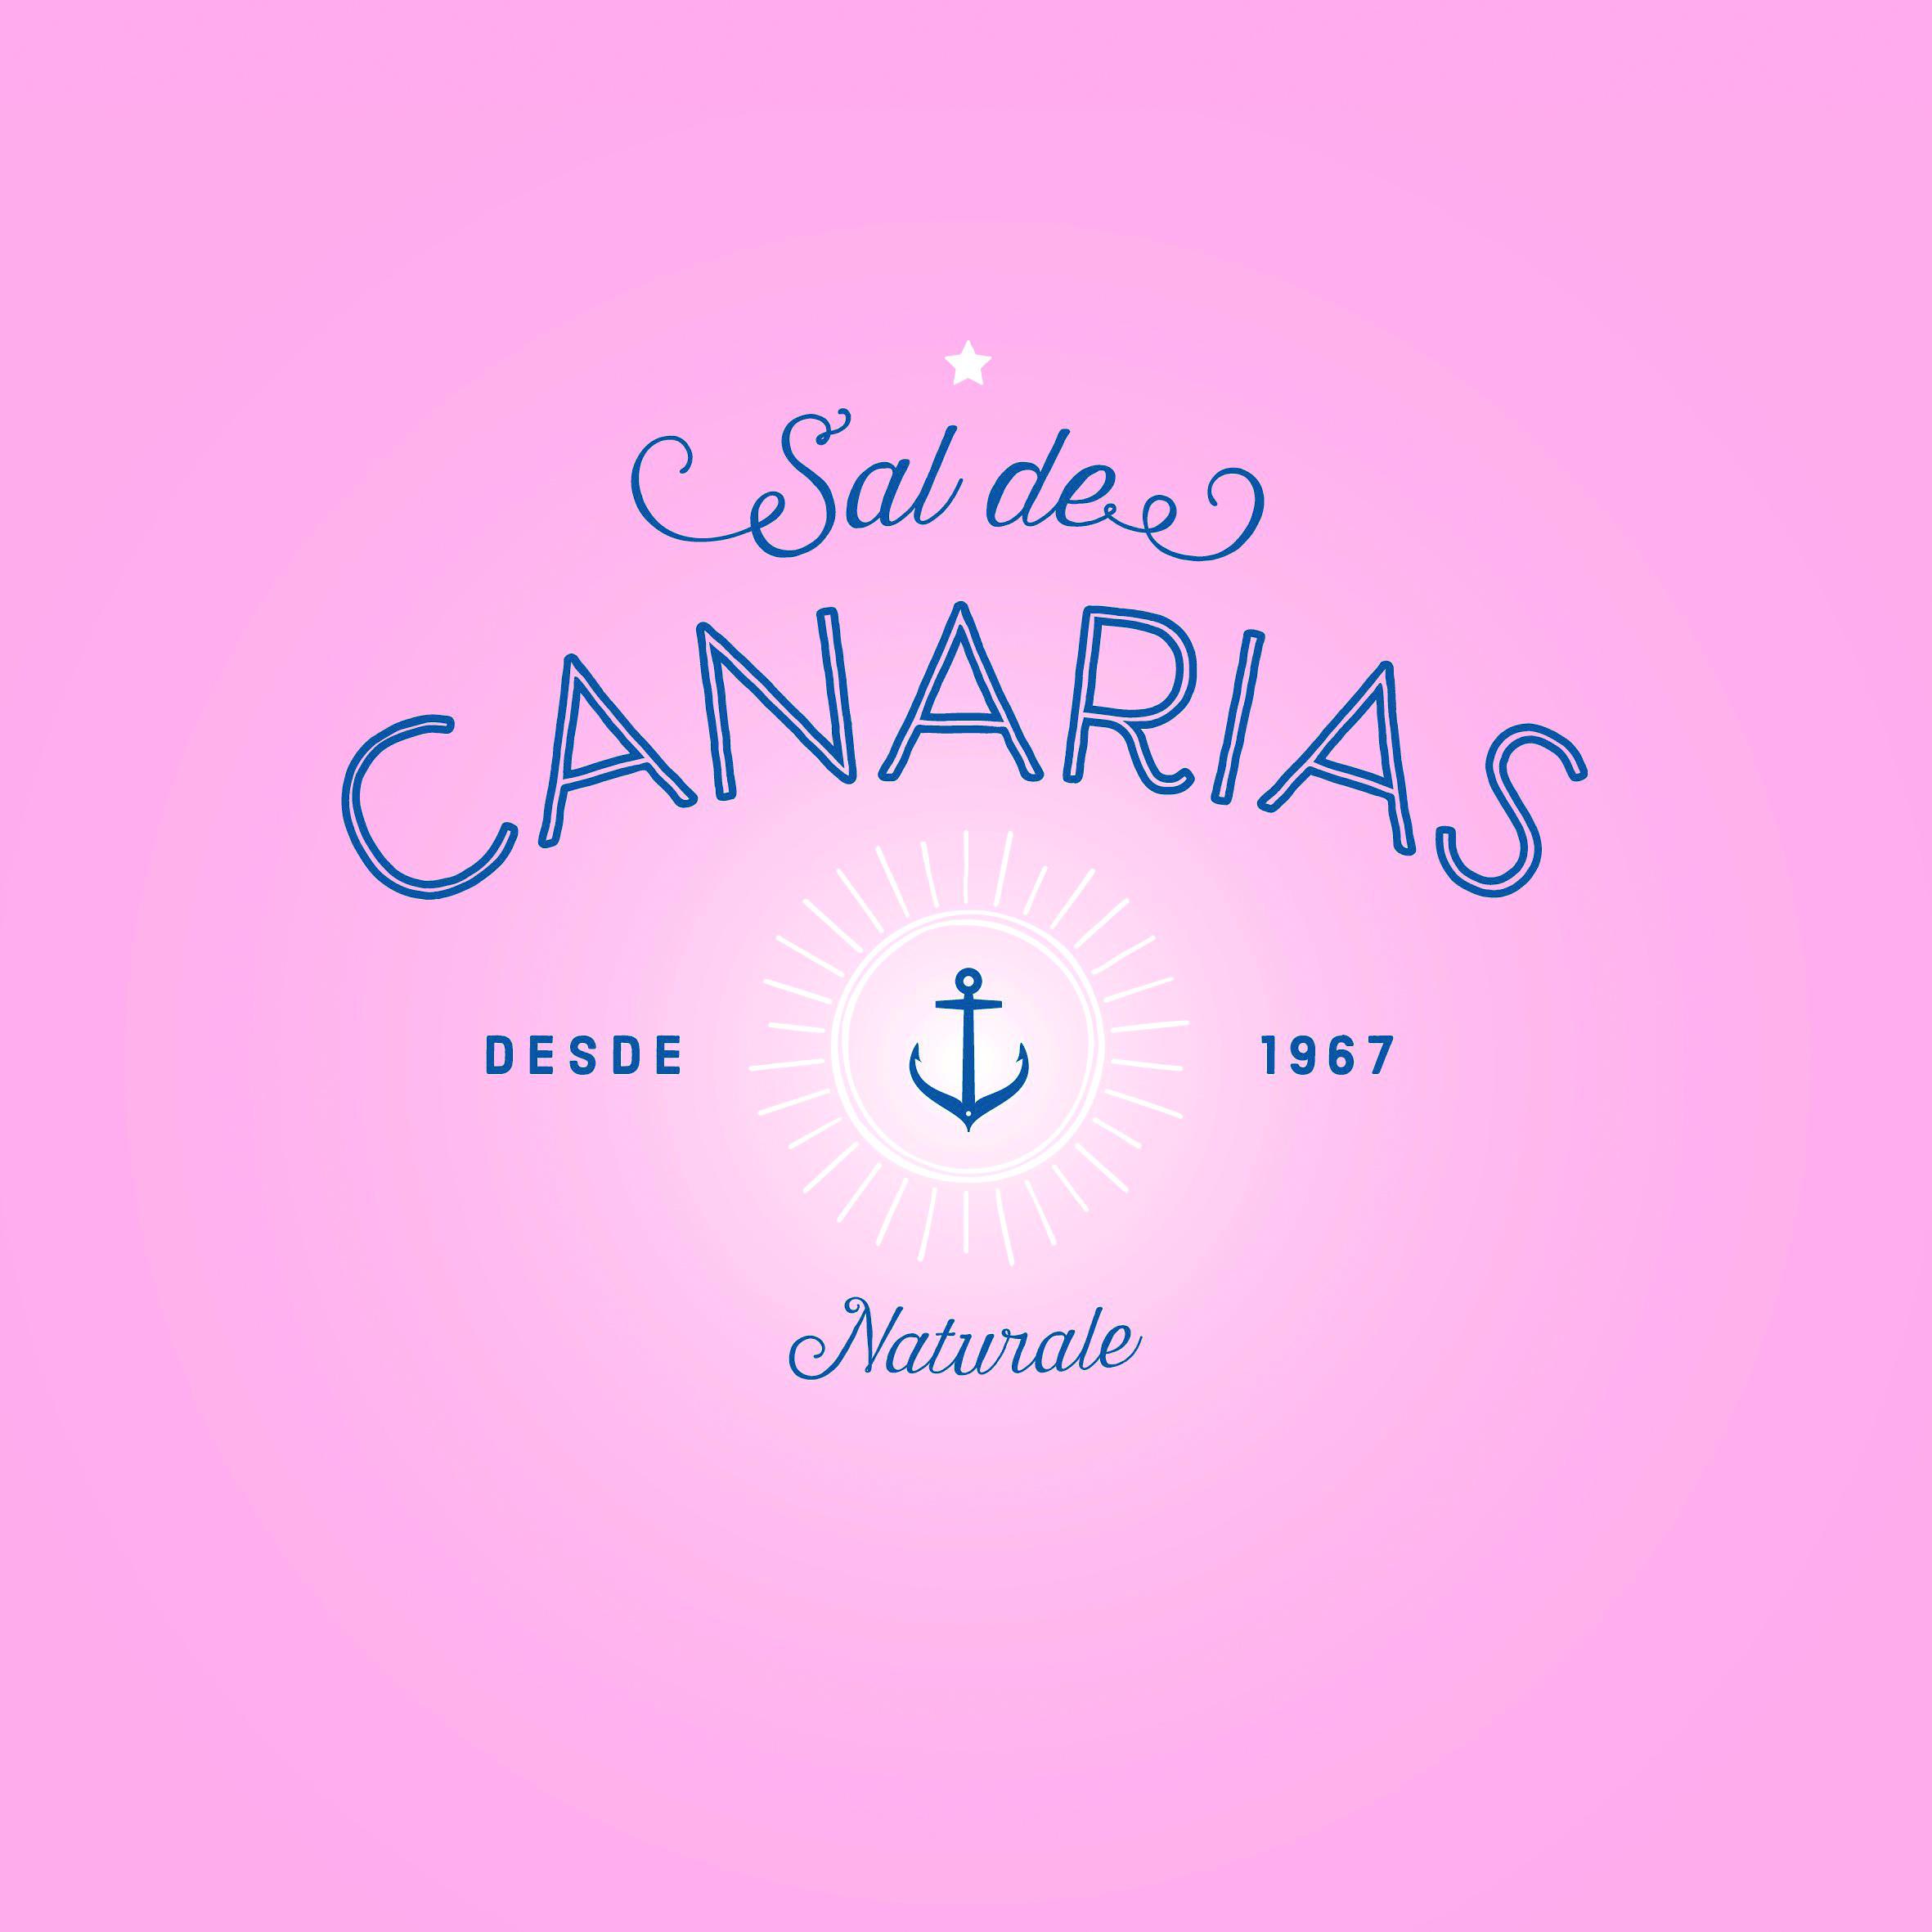 Sal de Canarias